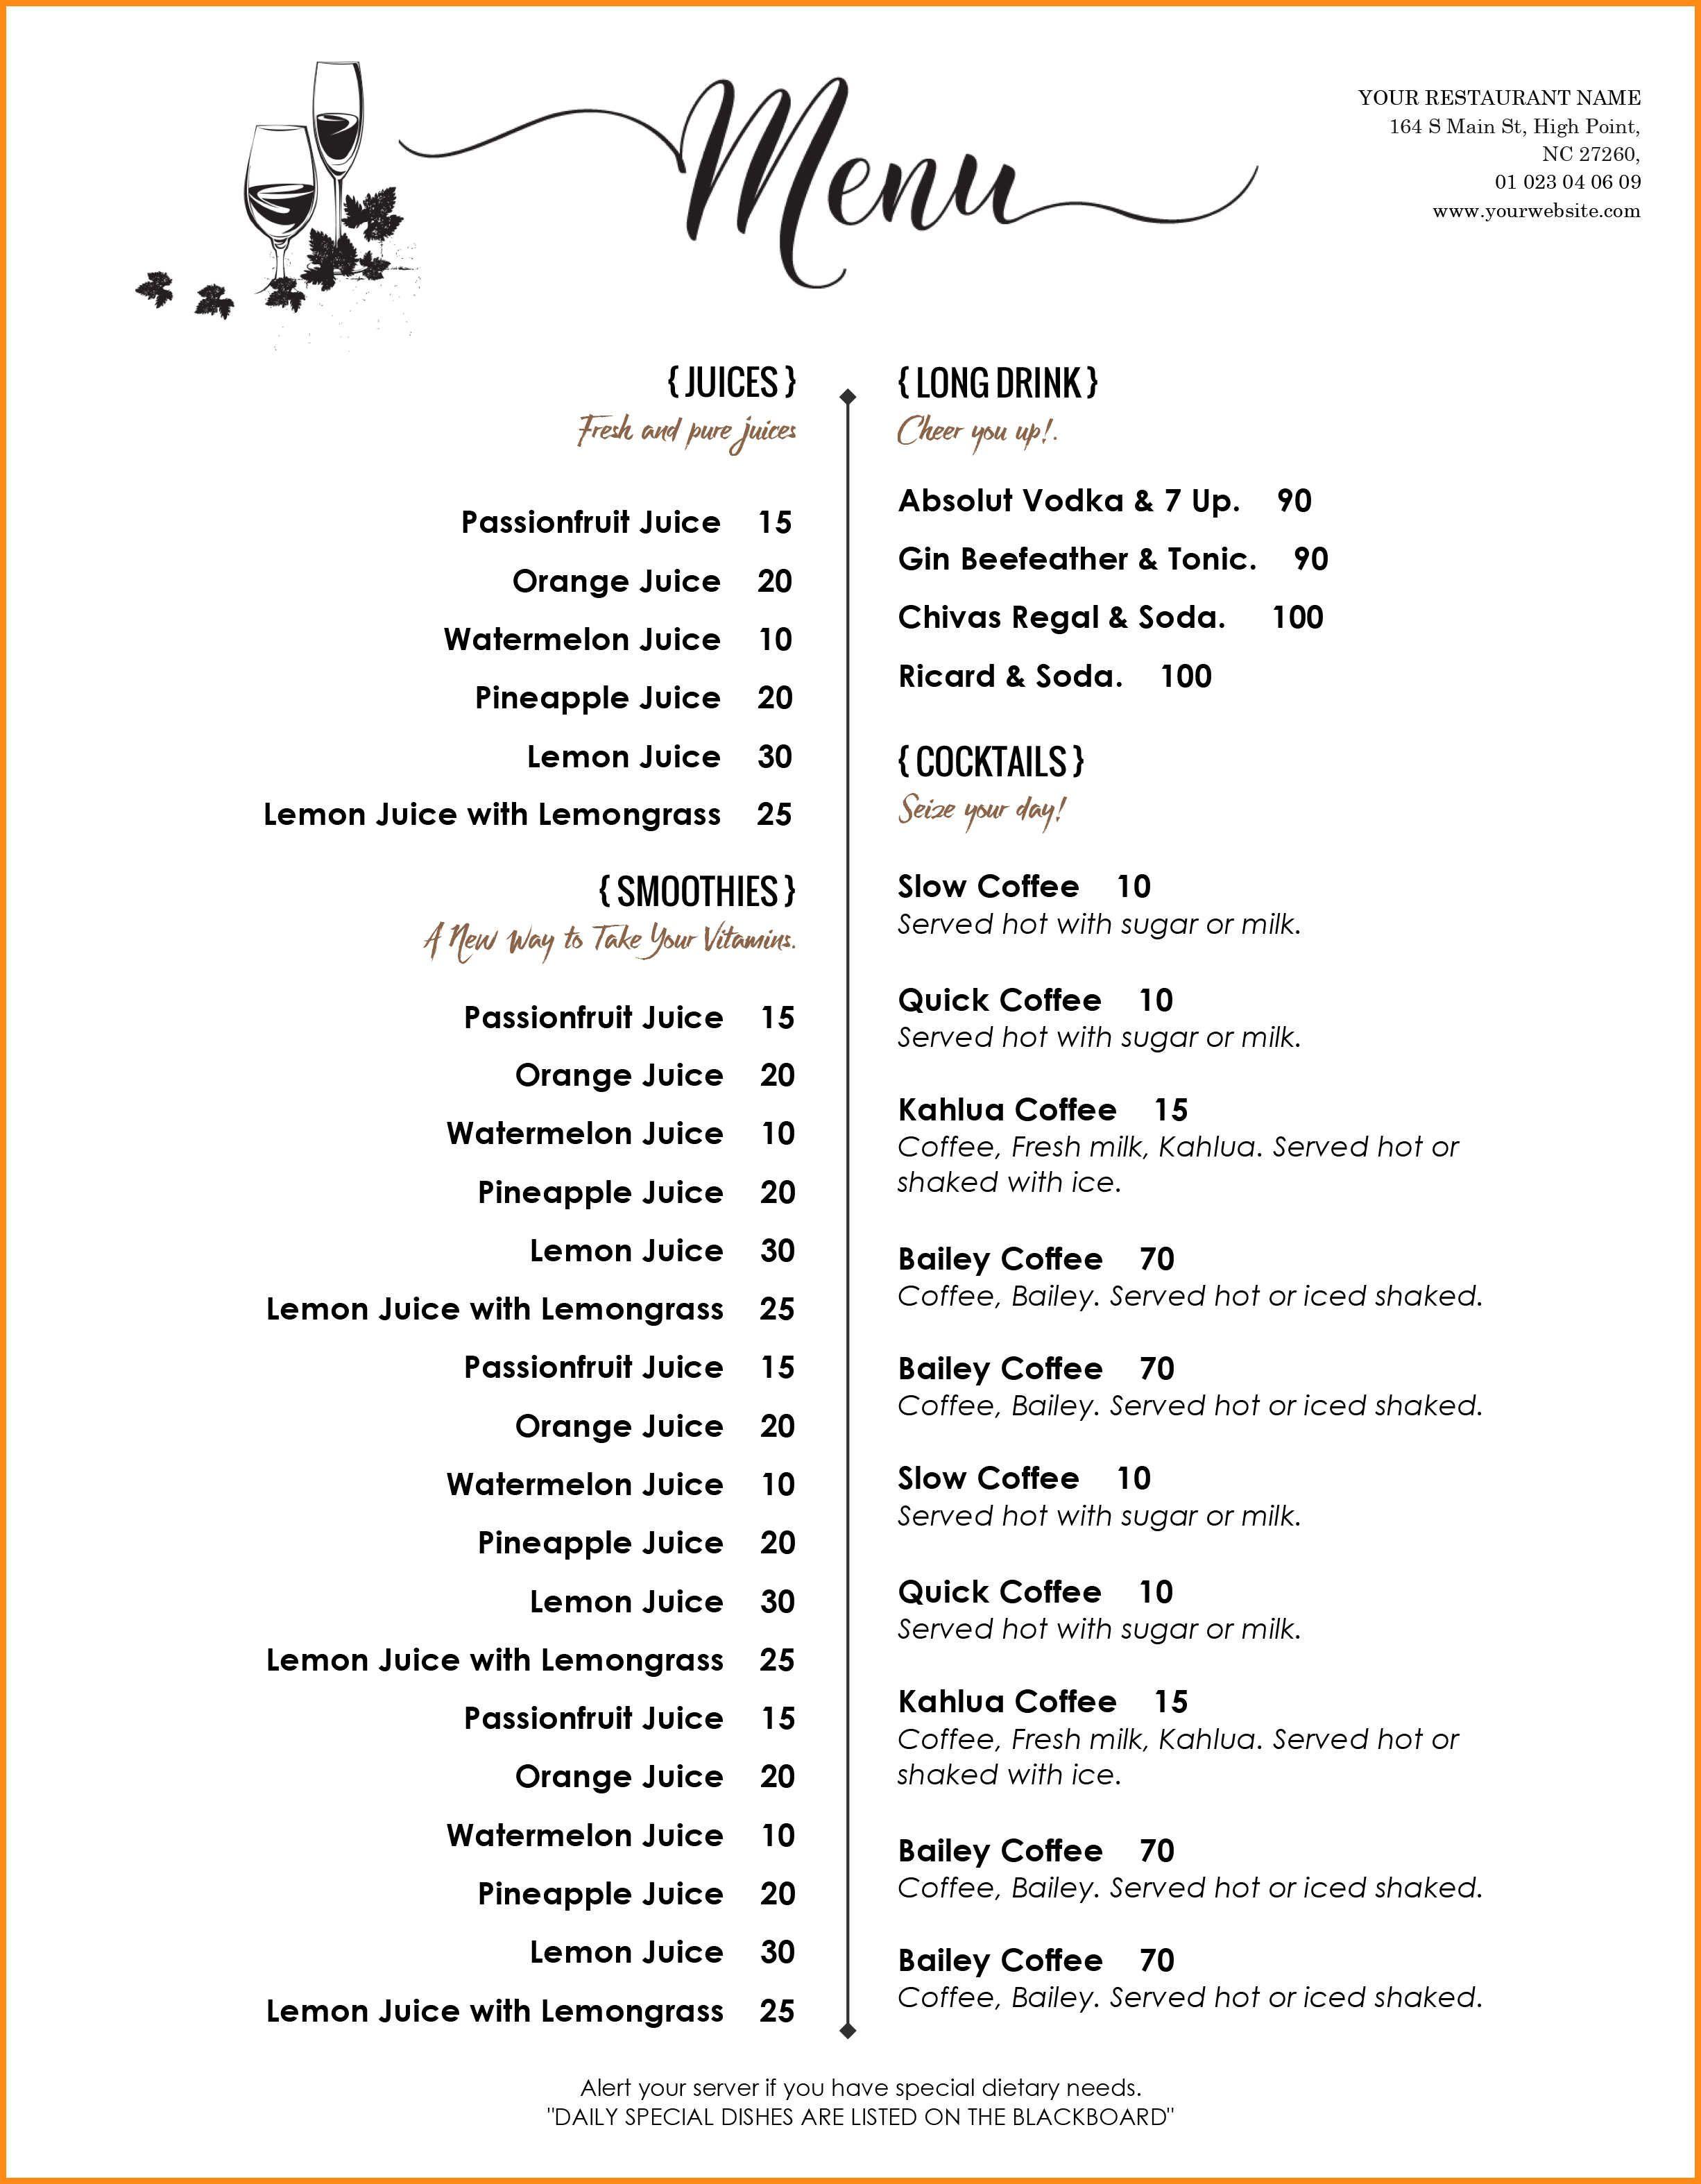 Menu Template Word 8 Download Free Menu Templates Word Odr2017 Free Menu Templates Restaurant Menu Template Printable Menu Template